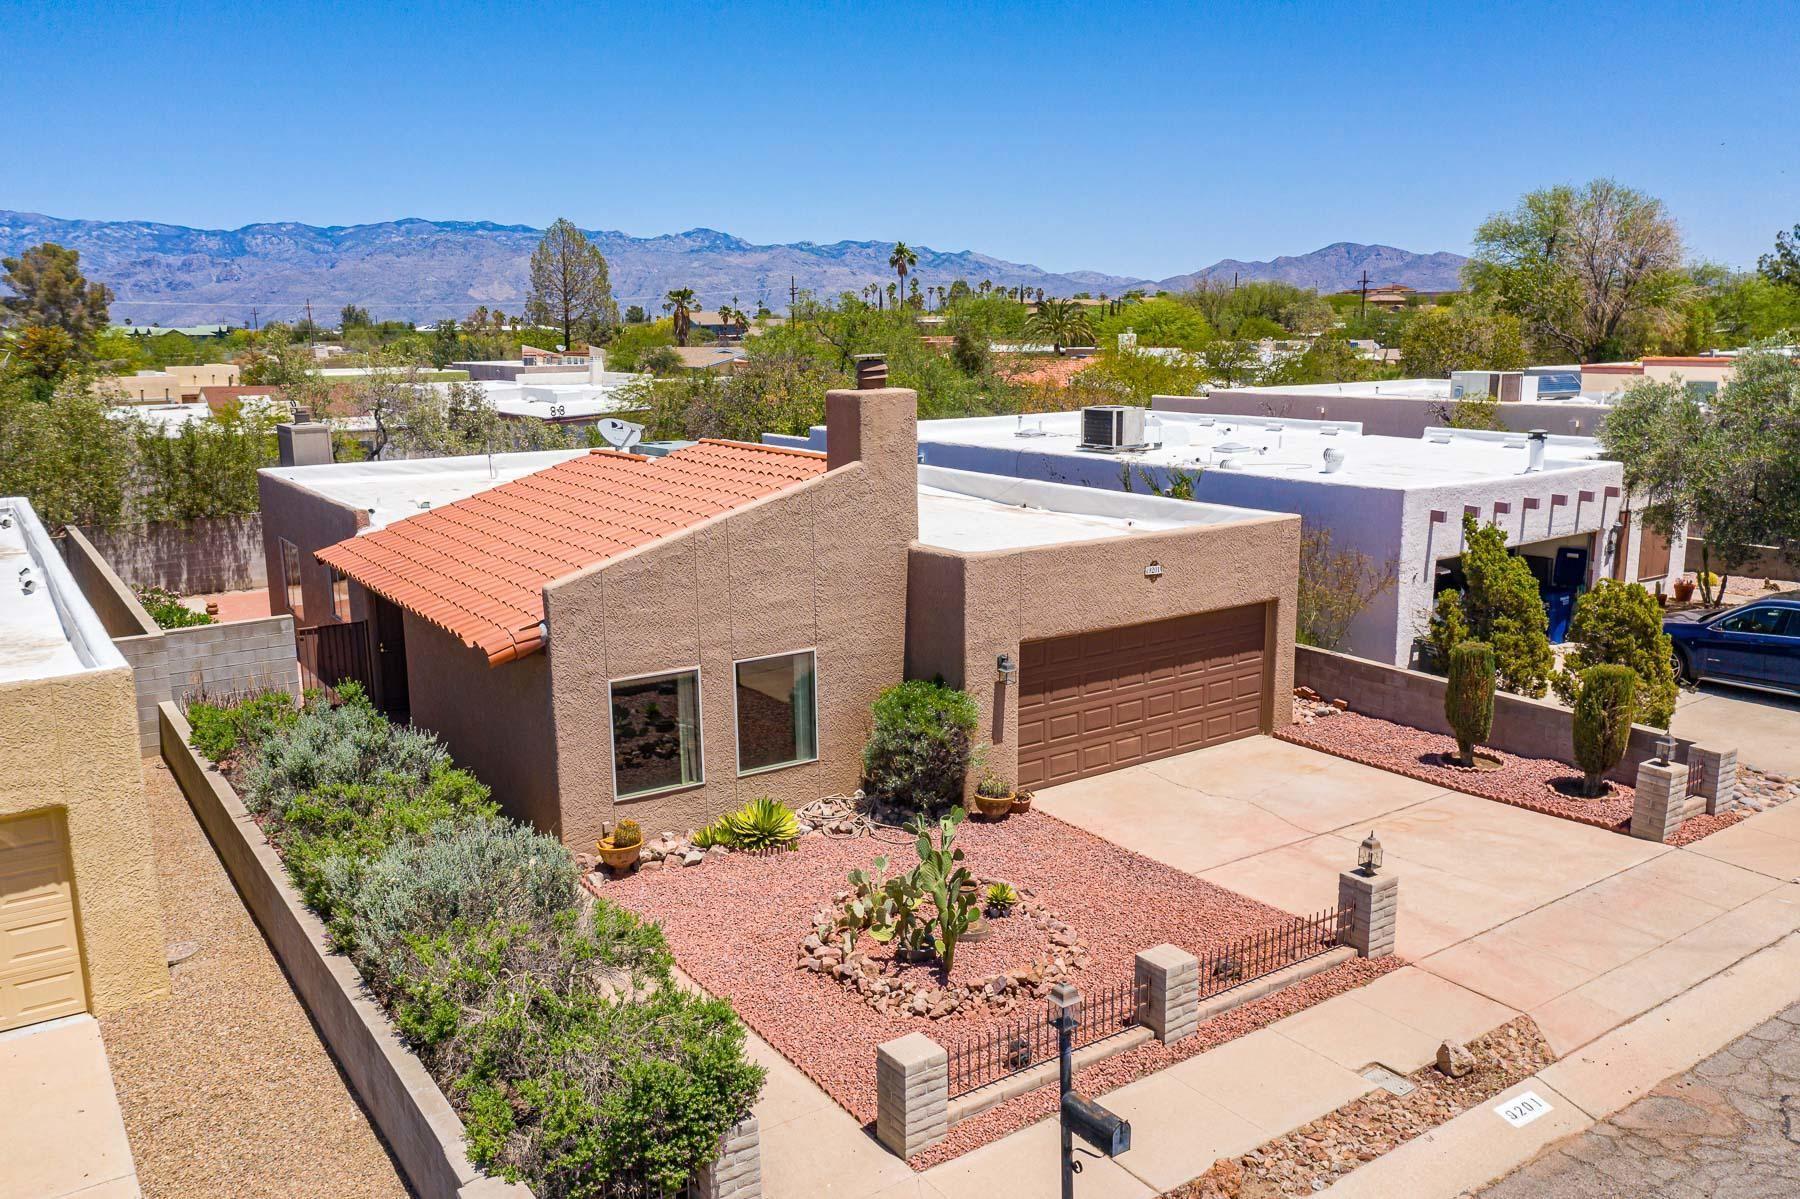 9201 E Calle Diego, Tucson, AZ 85710 - MLS#: 22112359